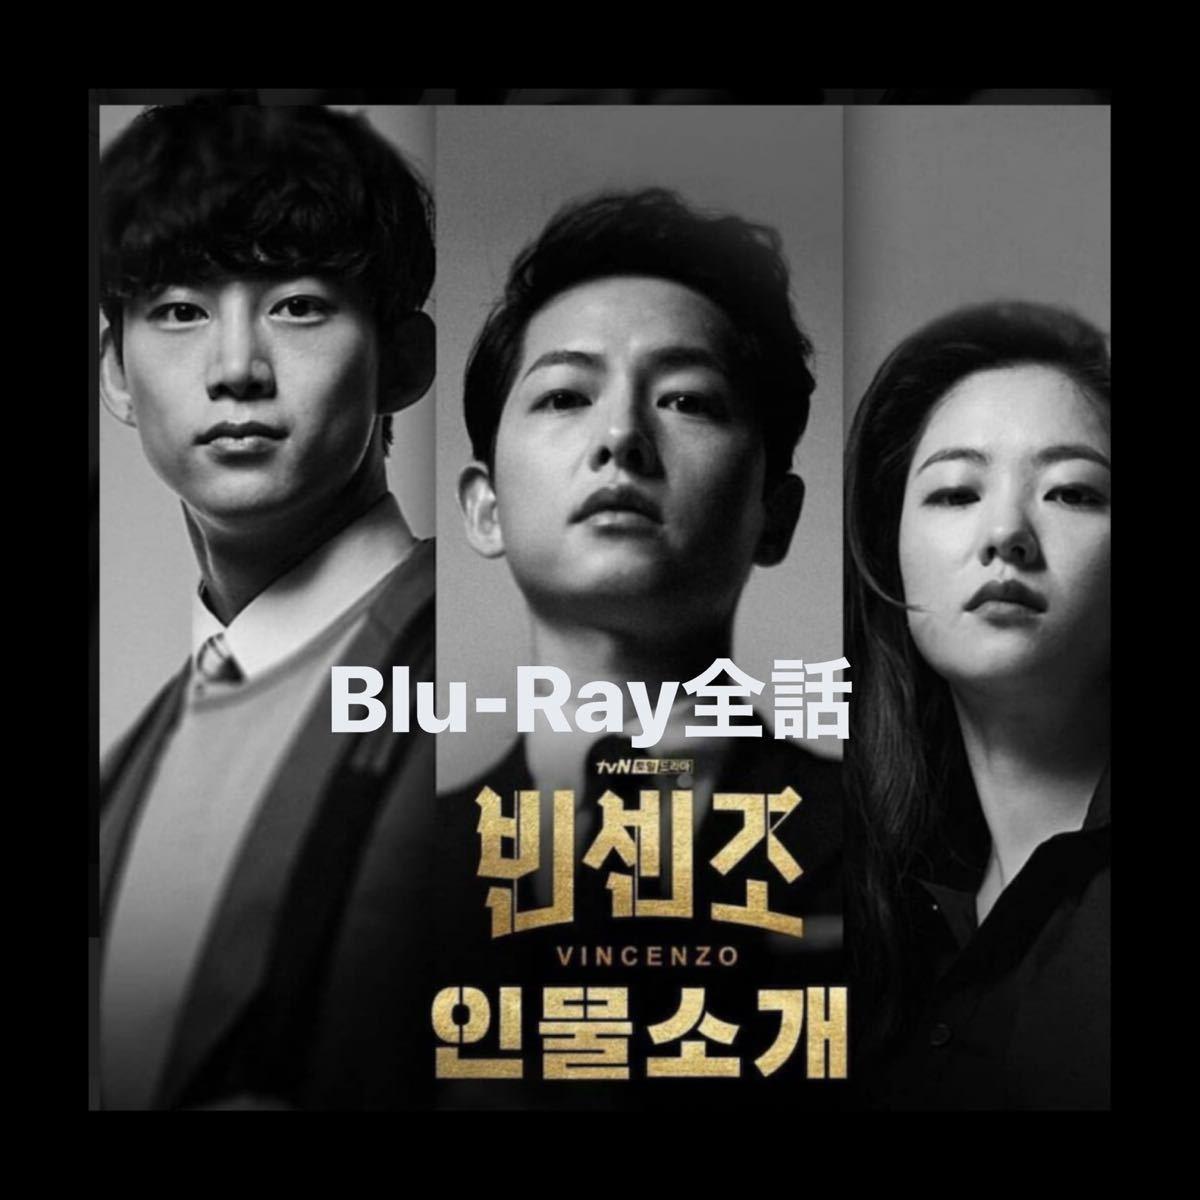 韓国ドラマ  ヴィンチェンツォ Blu-ray全話 ☆高画質☆